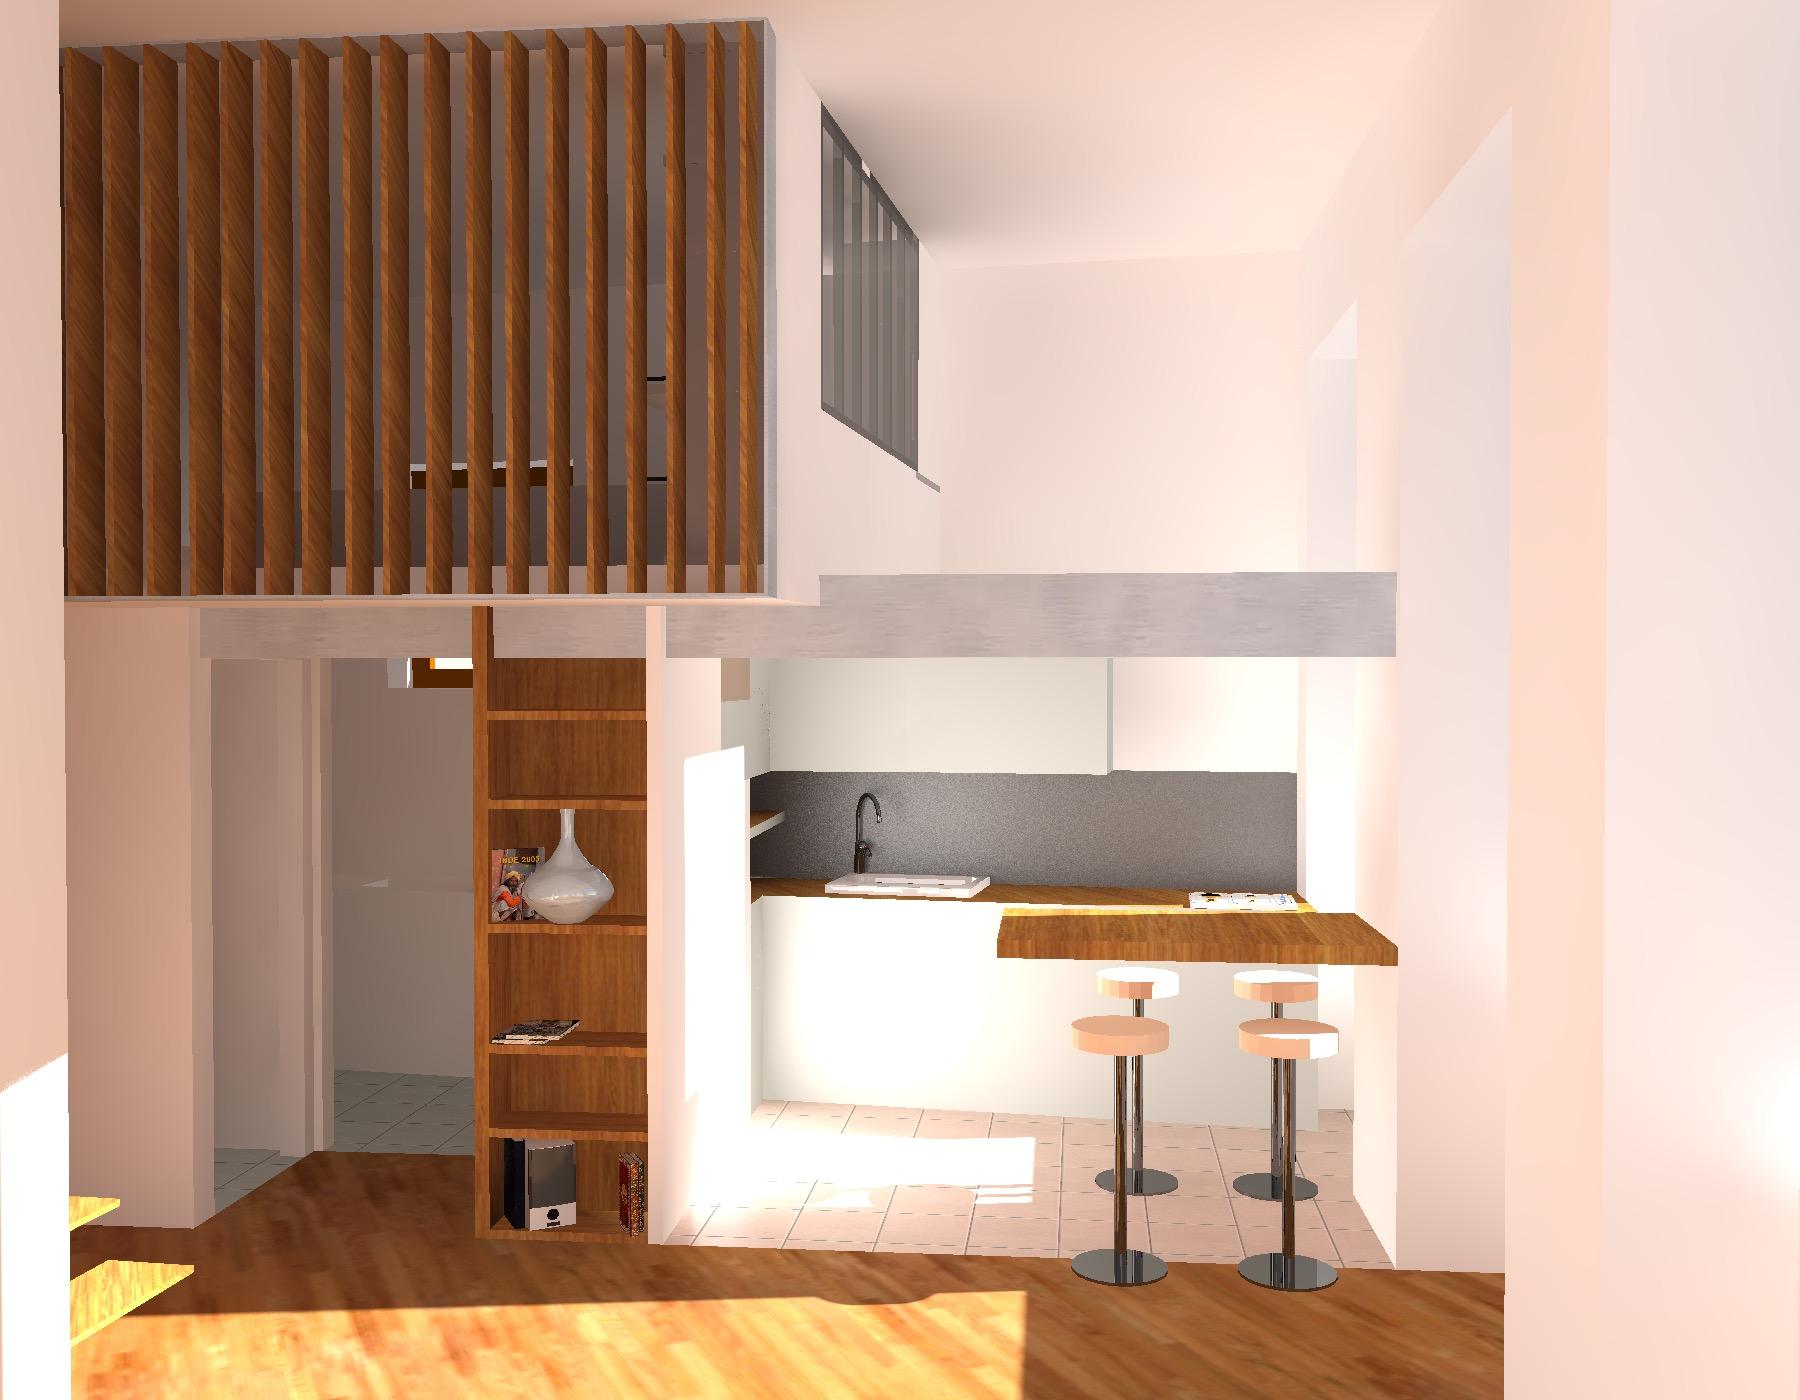 vue projete sur la cuisine et la mezzanine depuis le salon